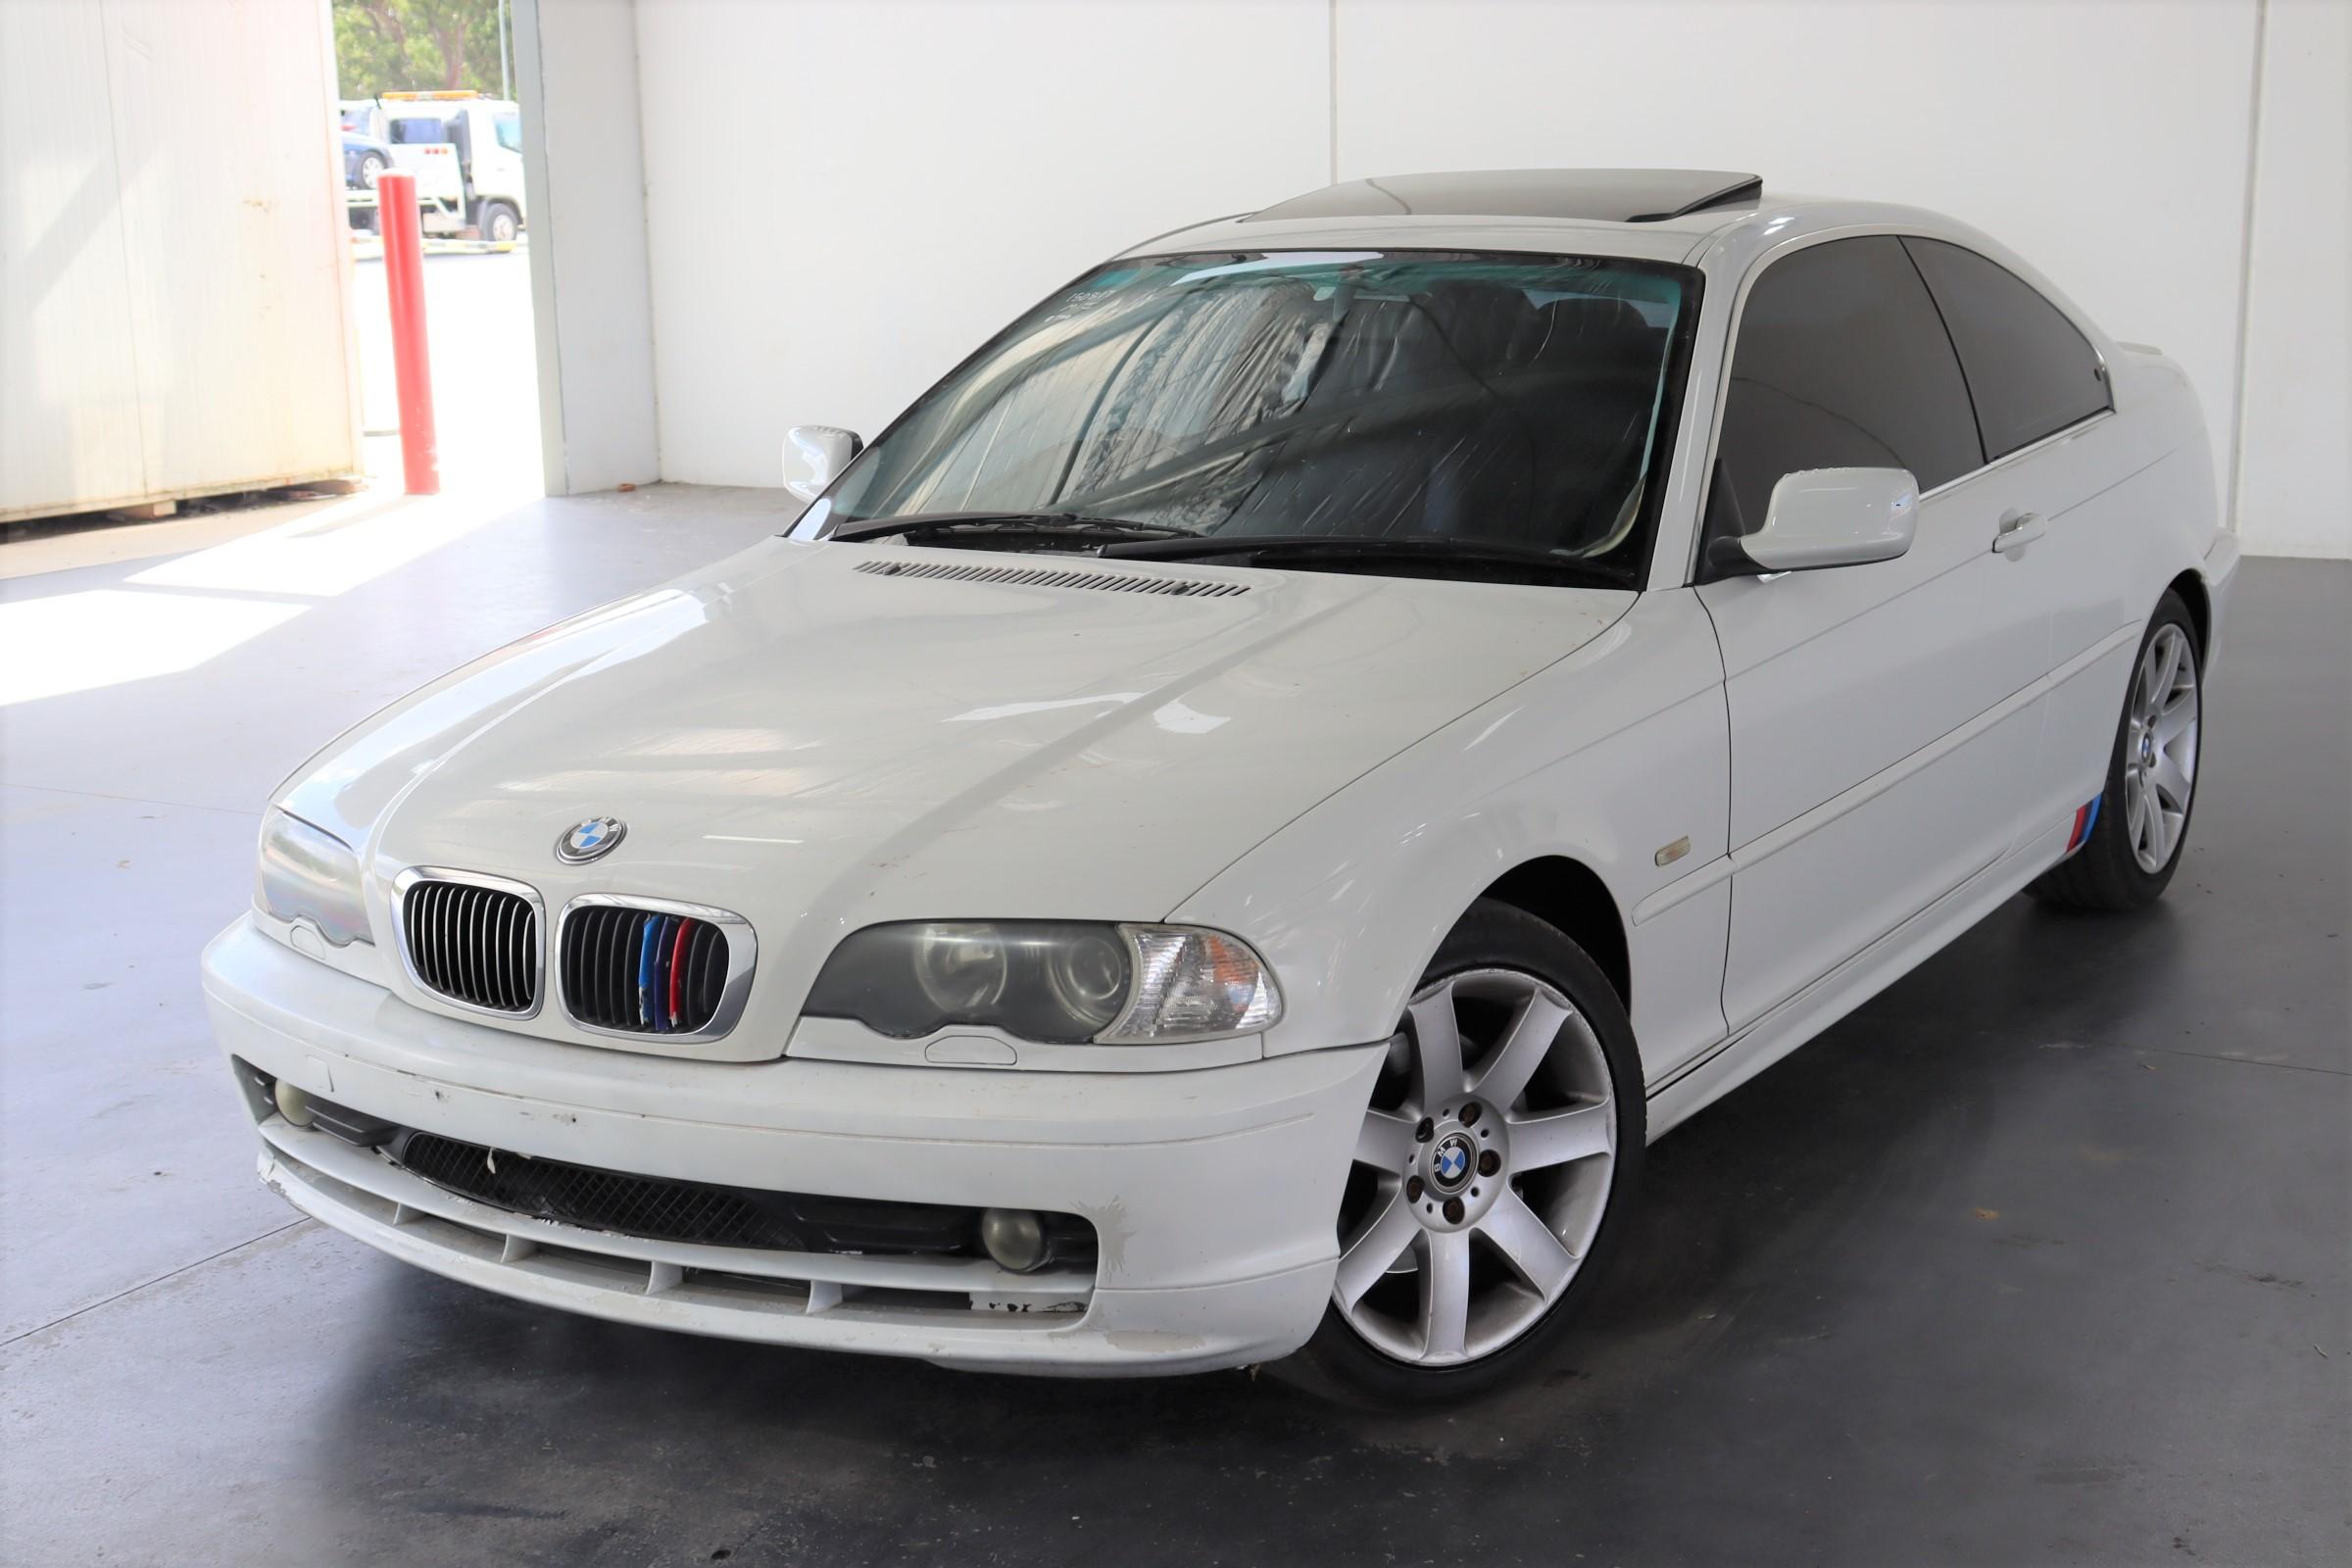 2001 BMW 3 25ci E46 Automatic Coupe